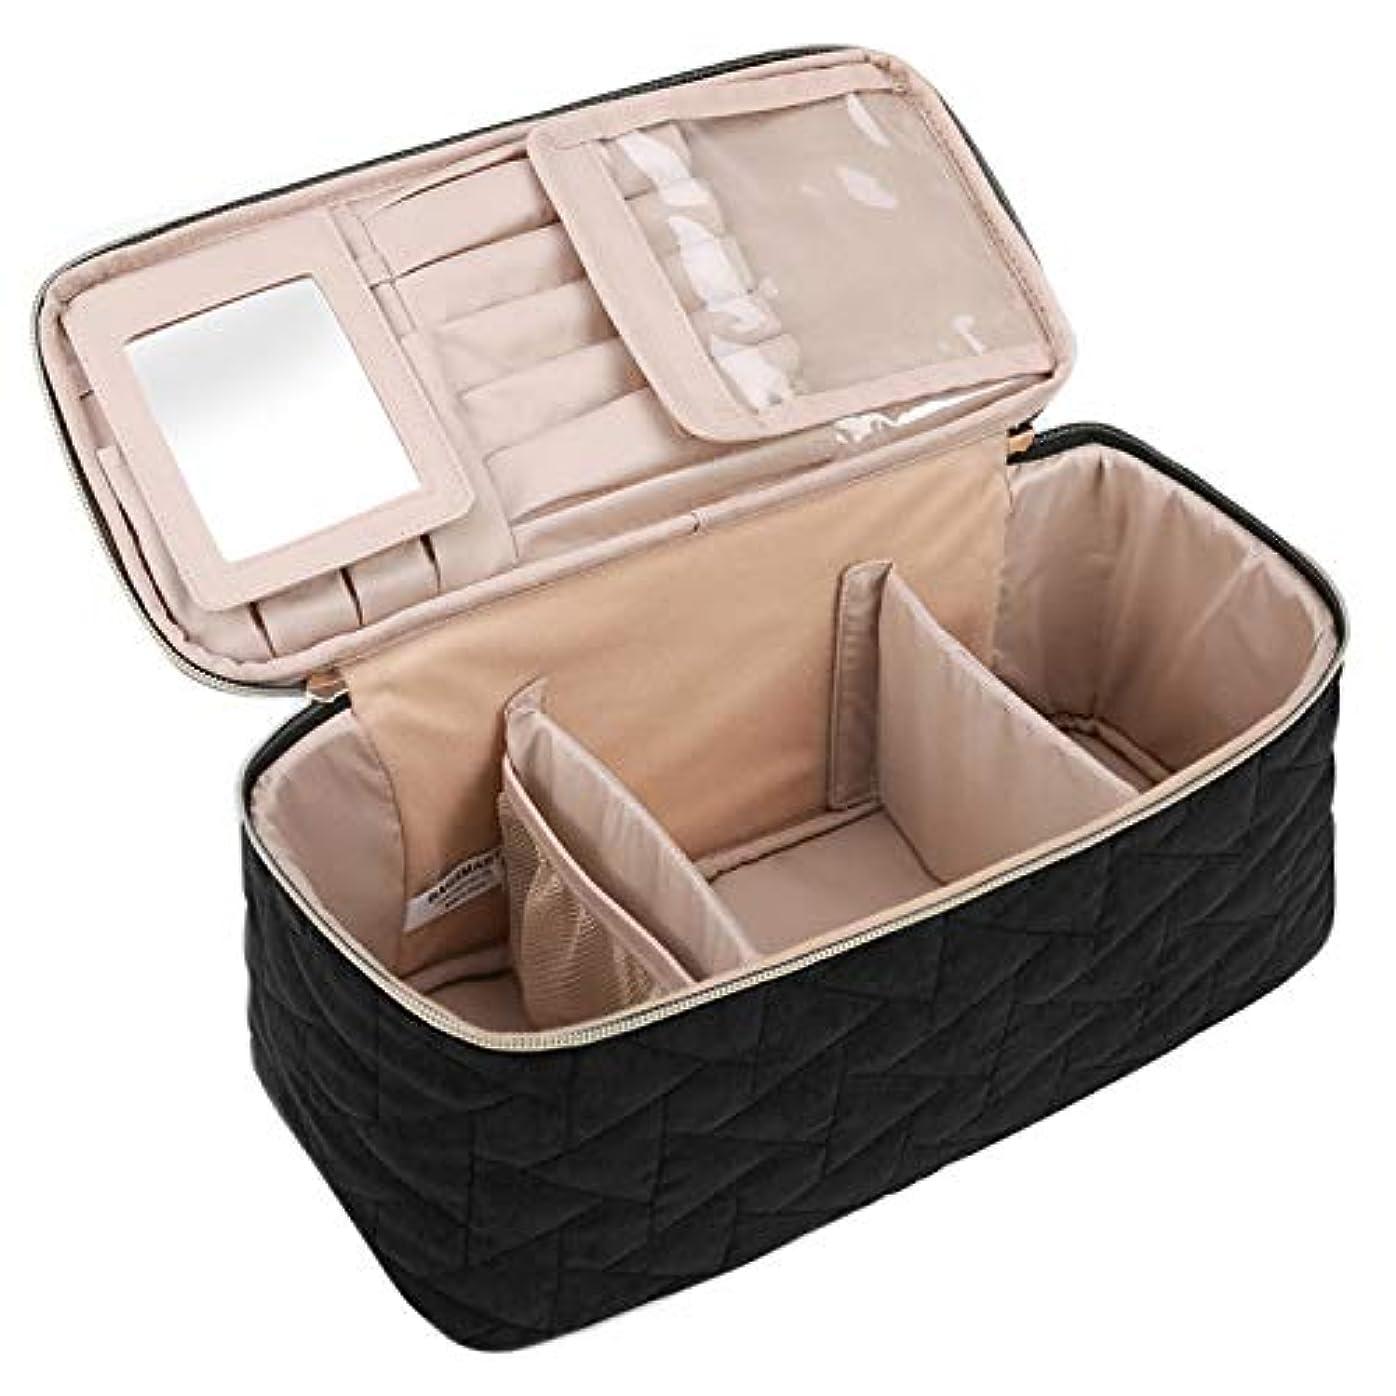 観光に行く逃れる不健康(バッグスマート) BAGSMARTメイクボックス コスメボックス 化粧ポーチ メイクブラシバッグ 収納ケース 機能的 大容量